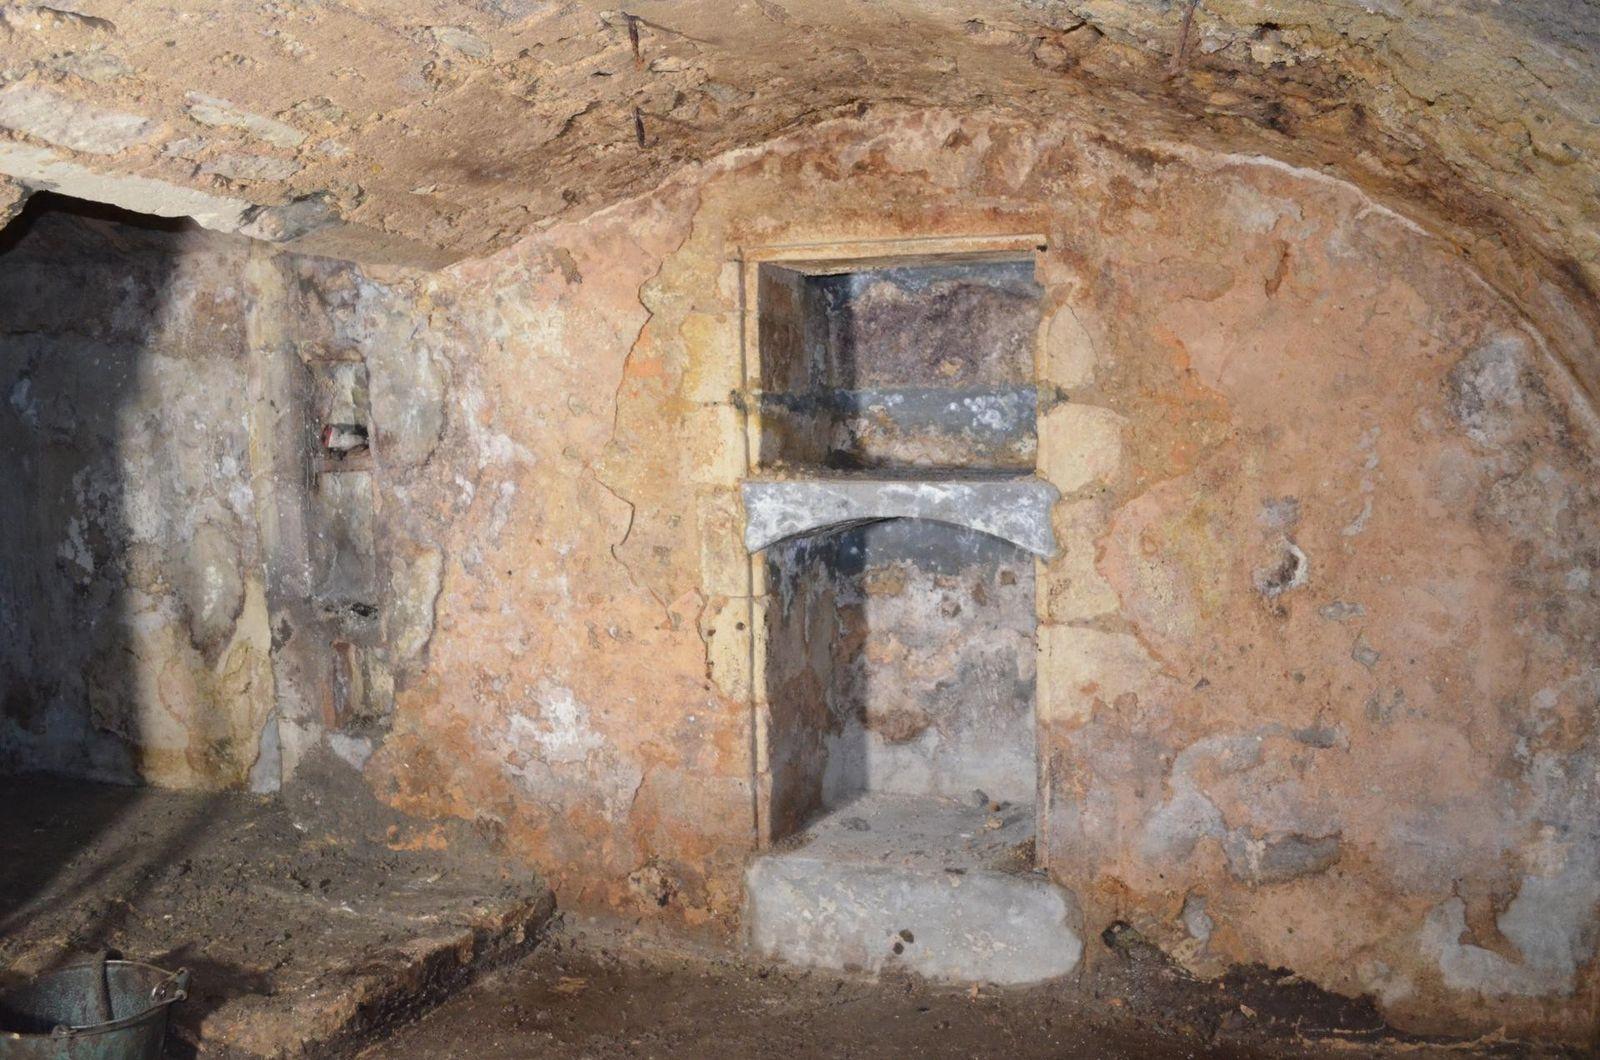 Découverte d'un mikvé dans le quartier juif médiéval de Saint-Paul-Trois-Châteaux.